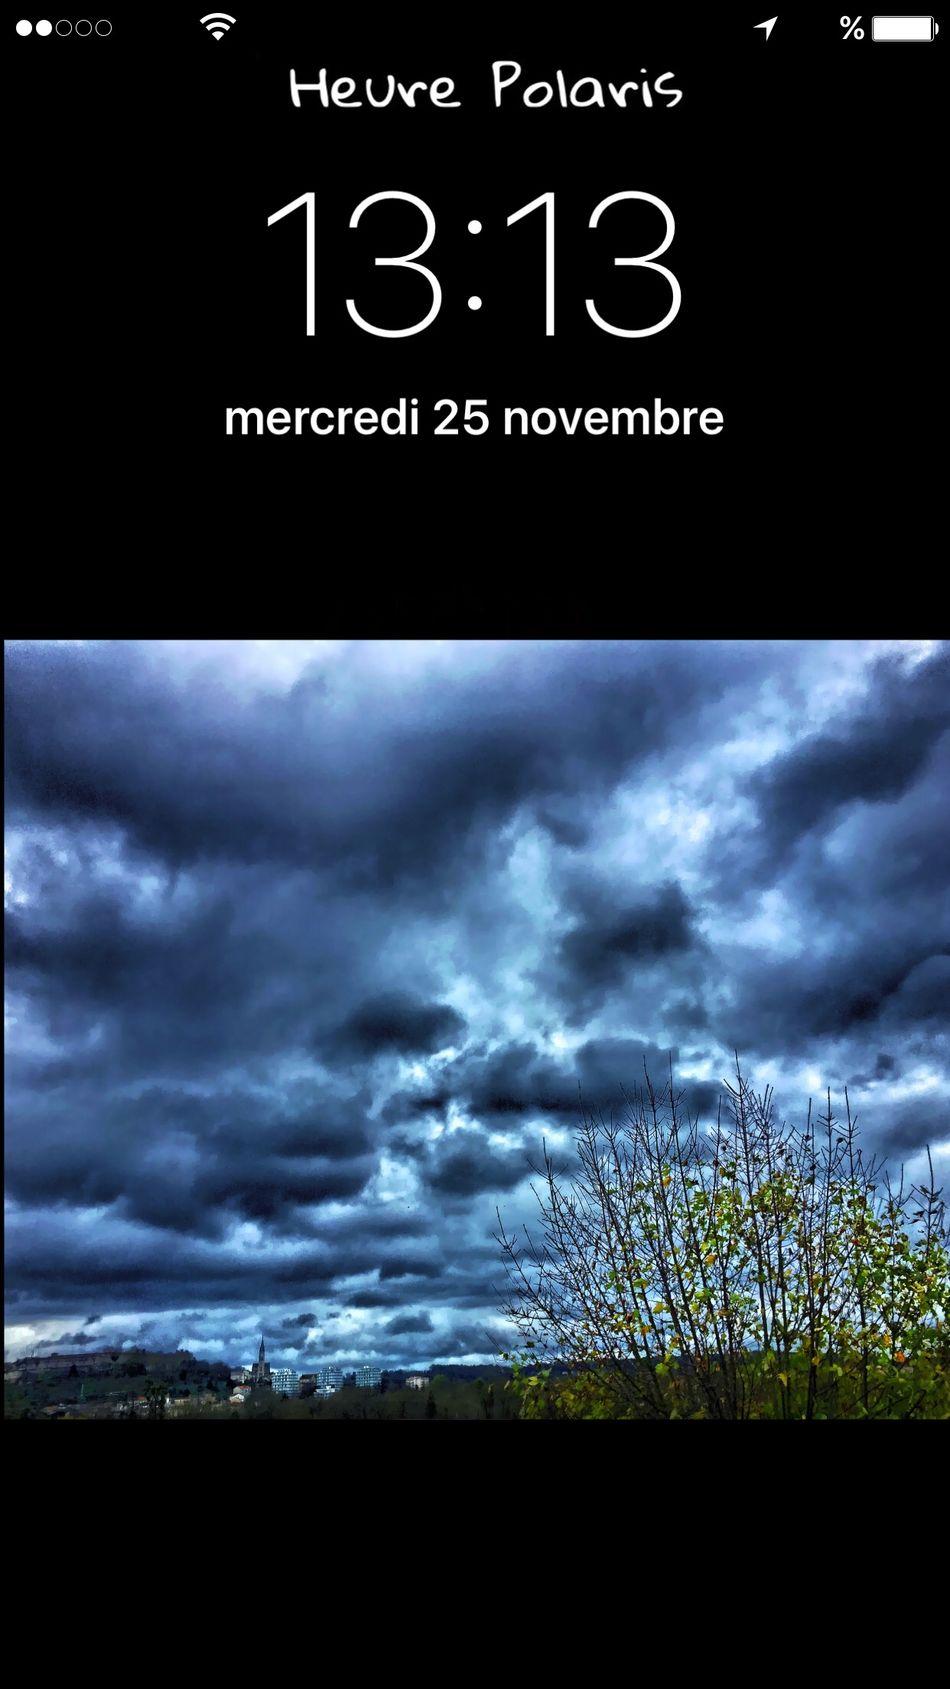 13H13 nuageux 🌥☁️🌧🌫🌫🌫 HEURE POLARIS Angouleme Skyfie CIELFIE Time Heure Hour Automne Hivernal Autumn Automne Ciel Gris Arbre Nuages Clouds